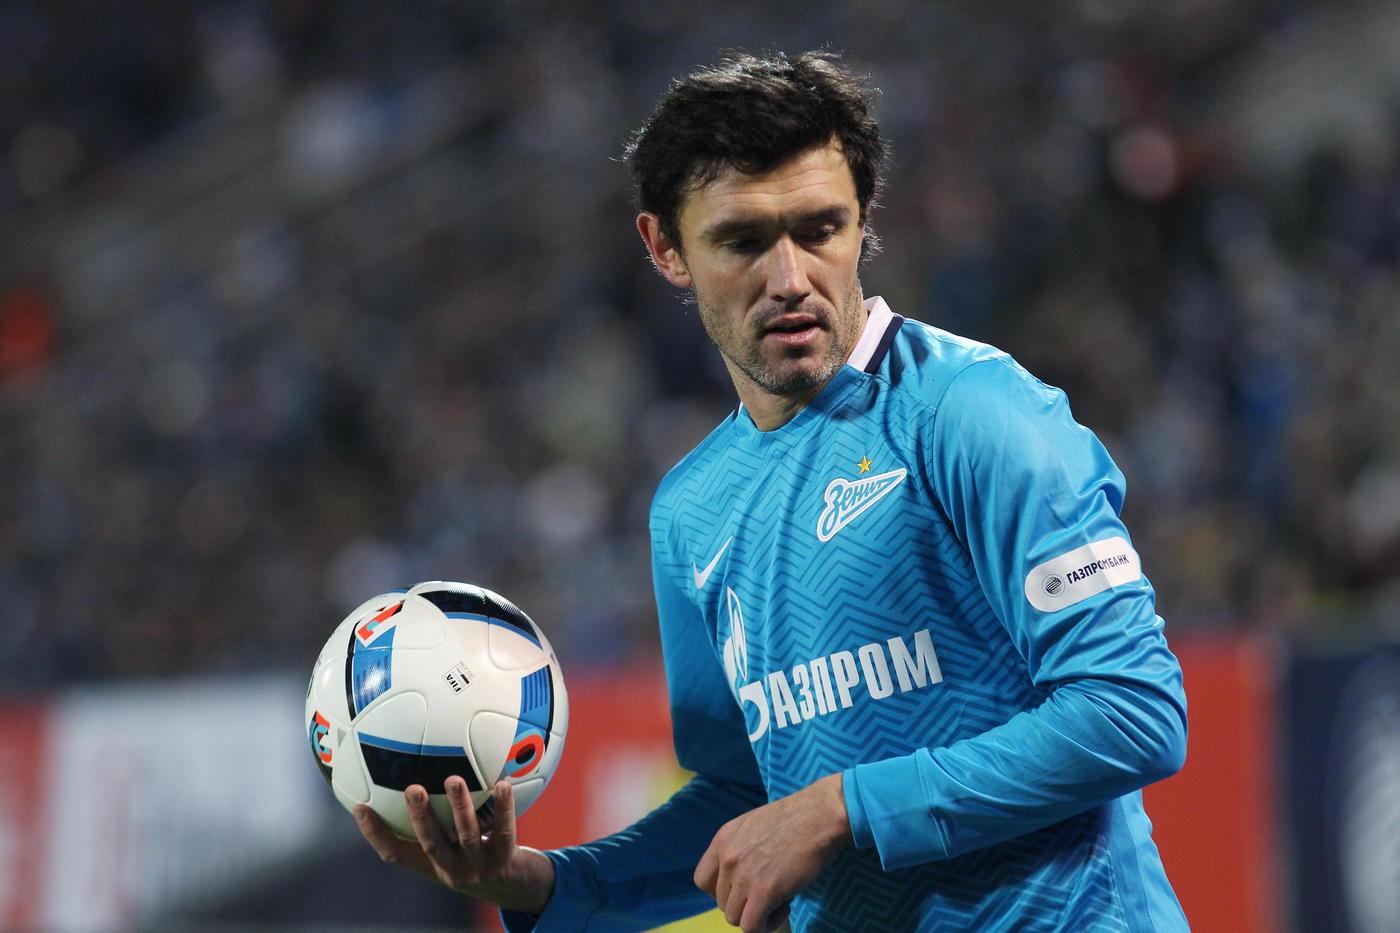 Защитник «Зенита» Юрий Жирков: Привык к негативной реакции болельщиков - фото